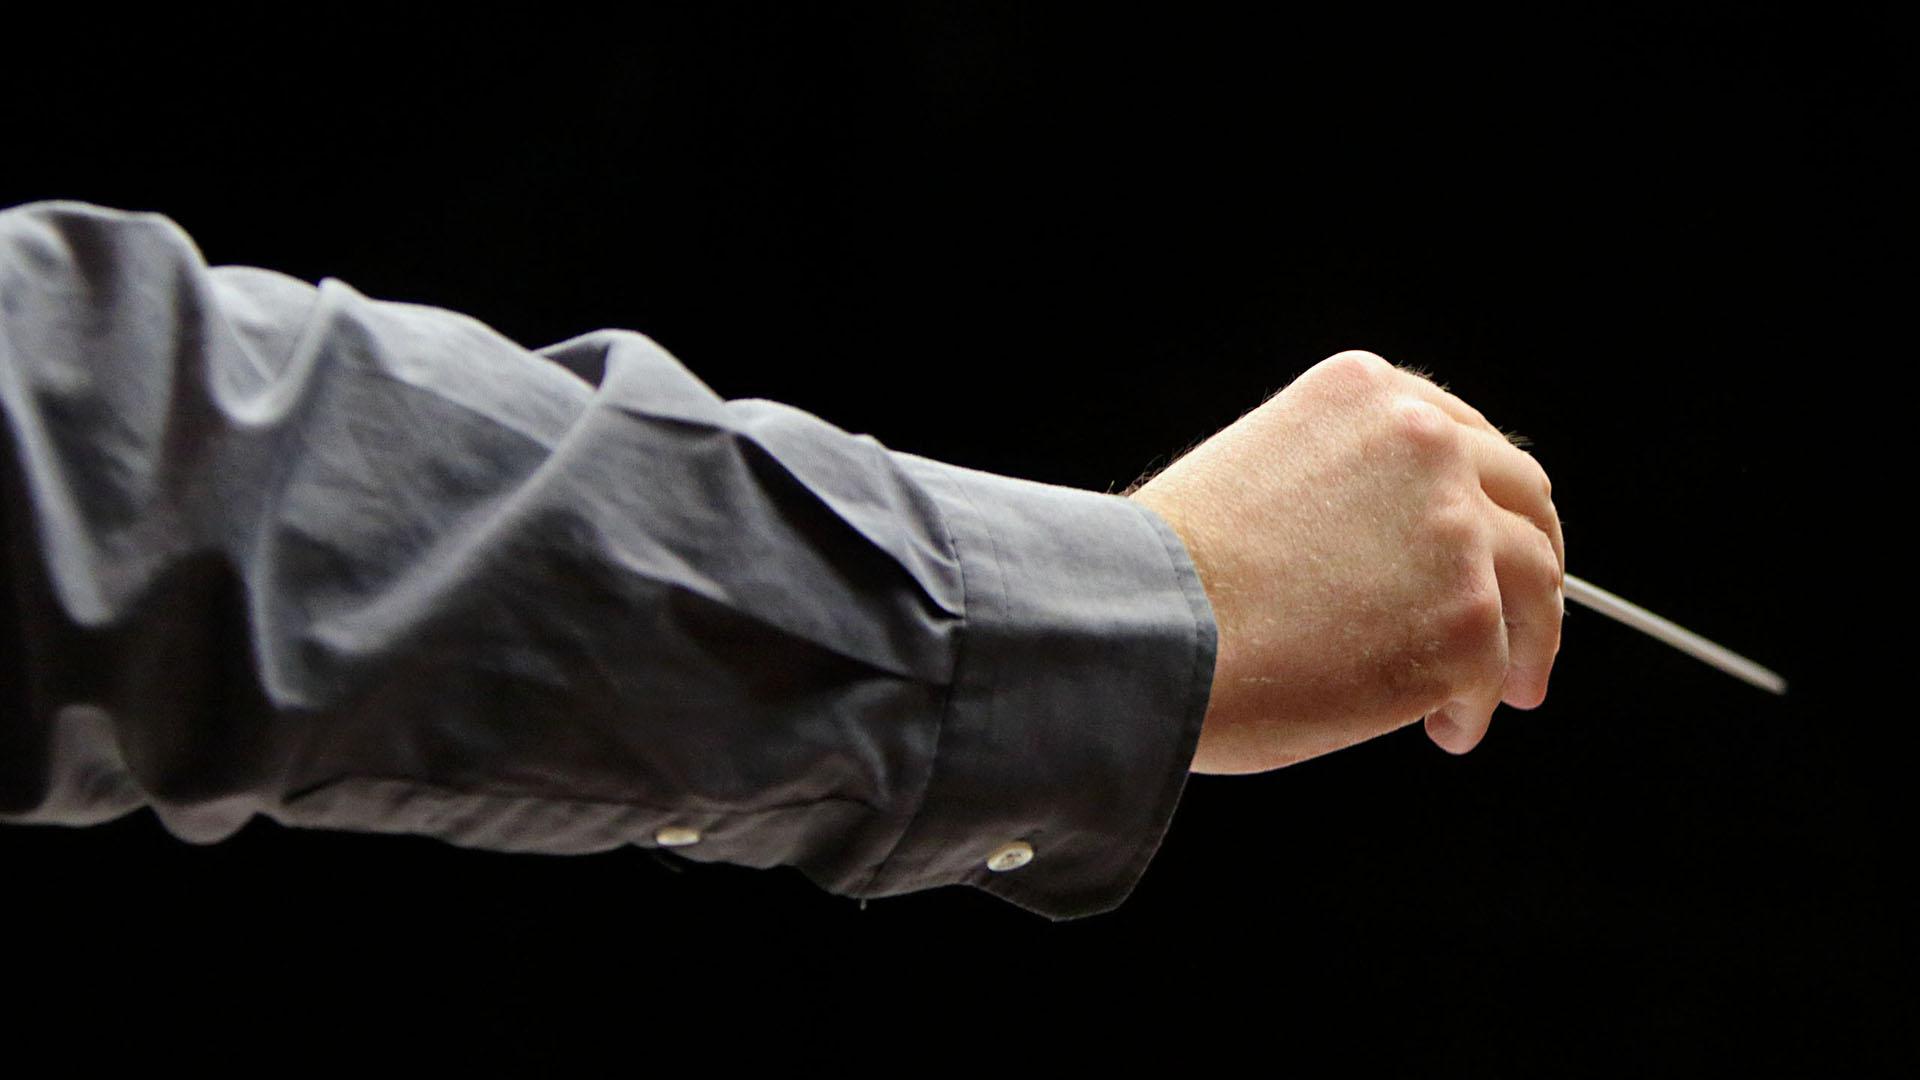 Käsi heiluttamassa tahtipuikkoa